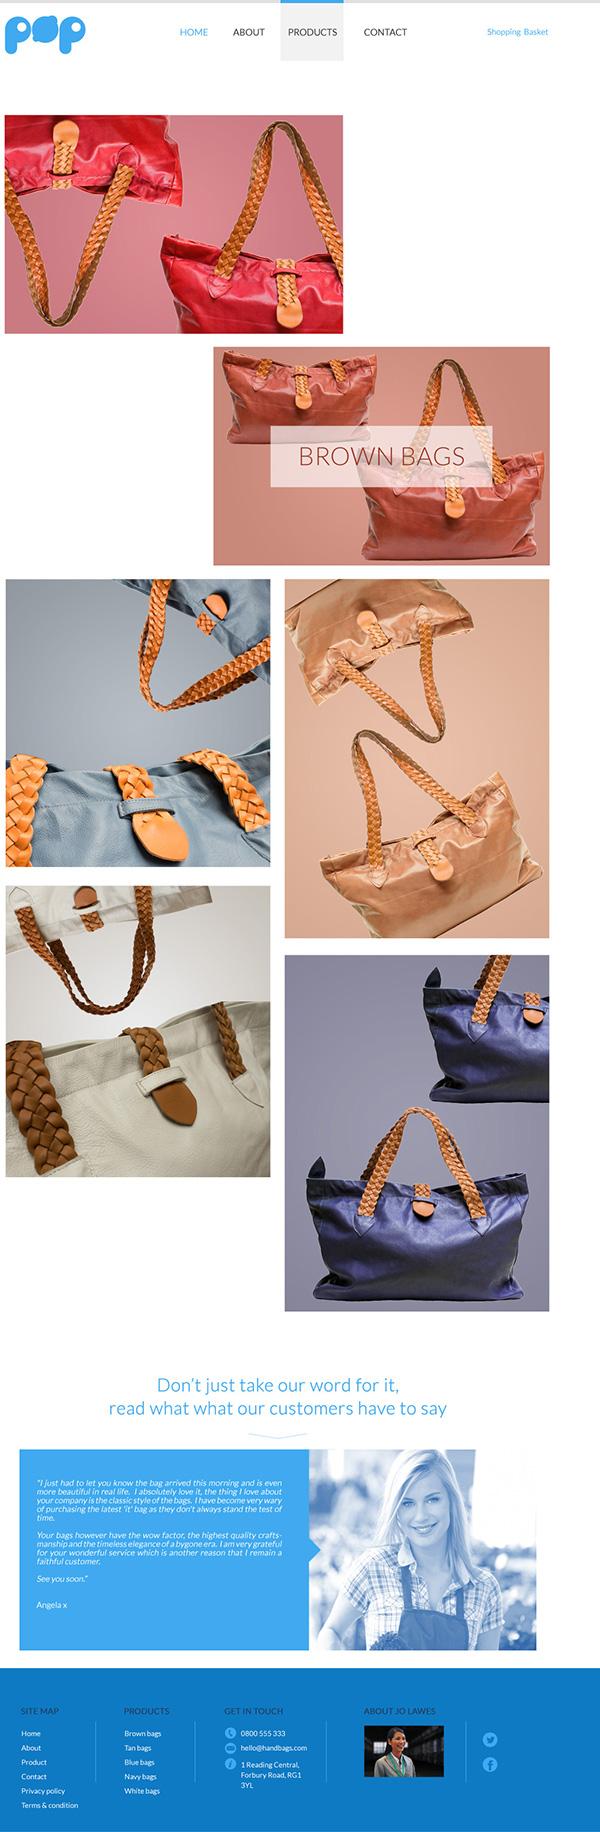 umar hamza shop Hand bag